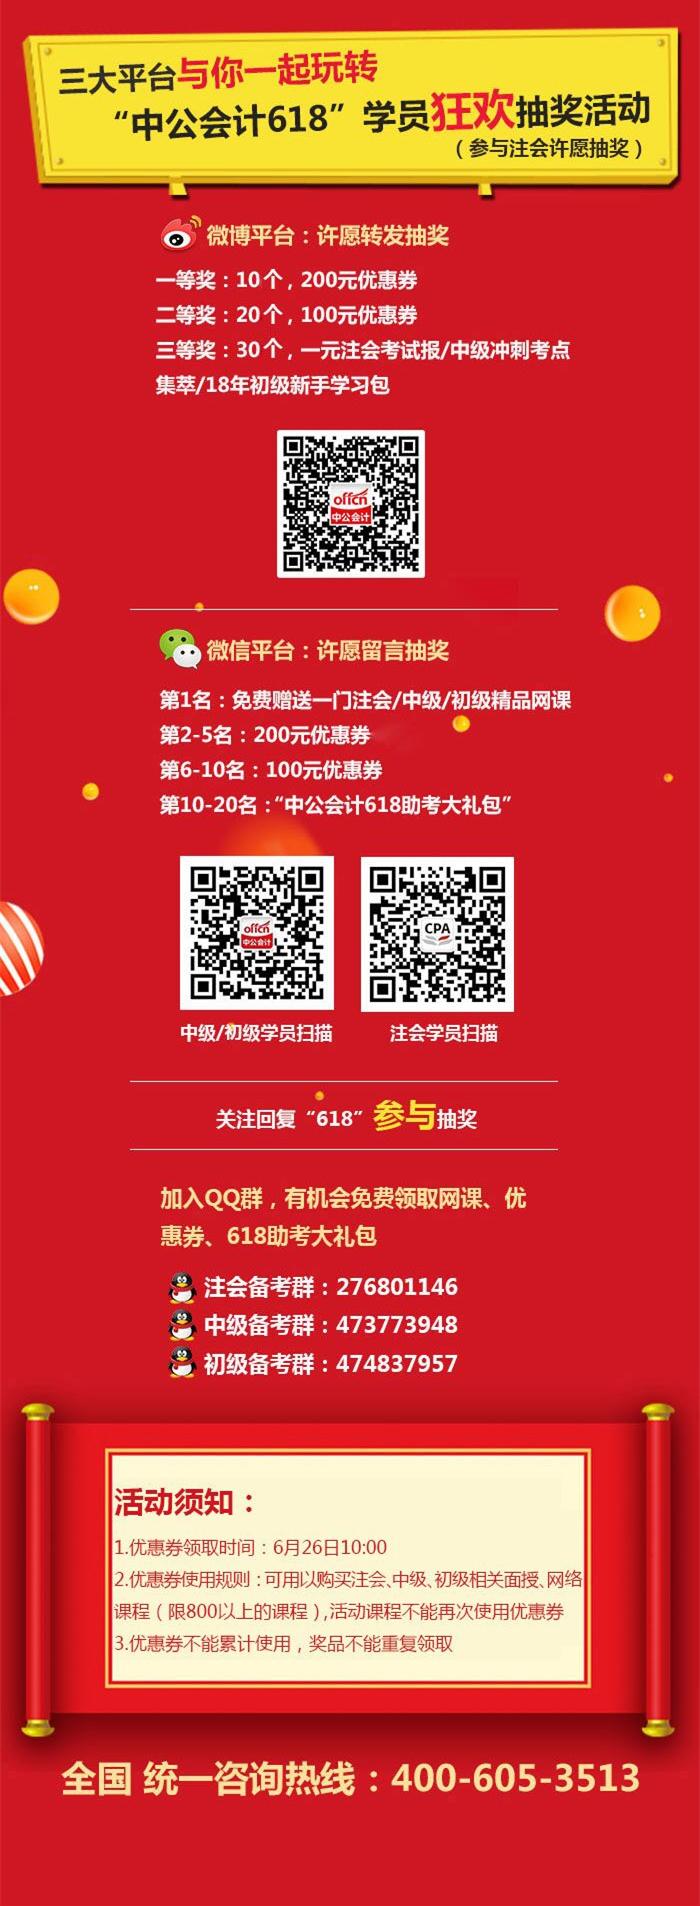 6.18中公会计备考无忧狂欢节9